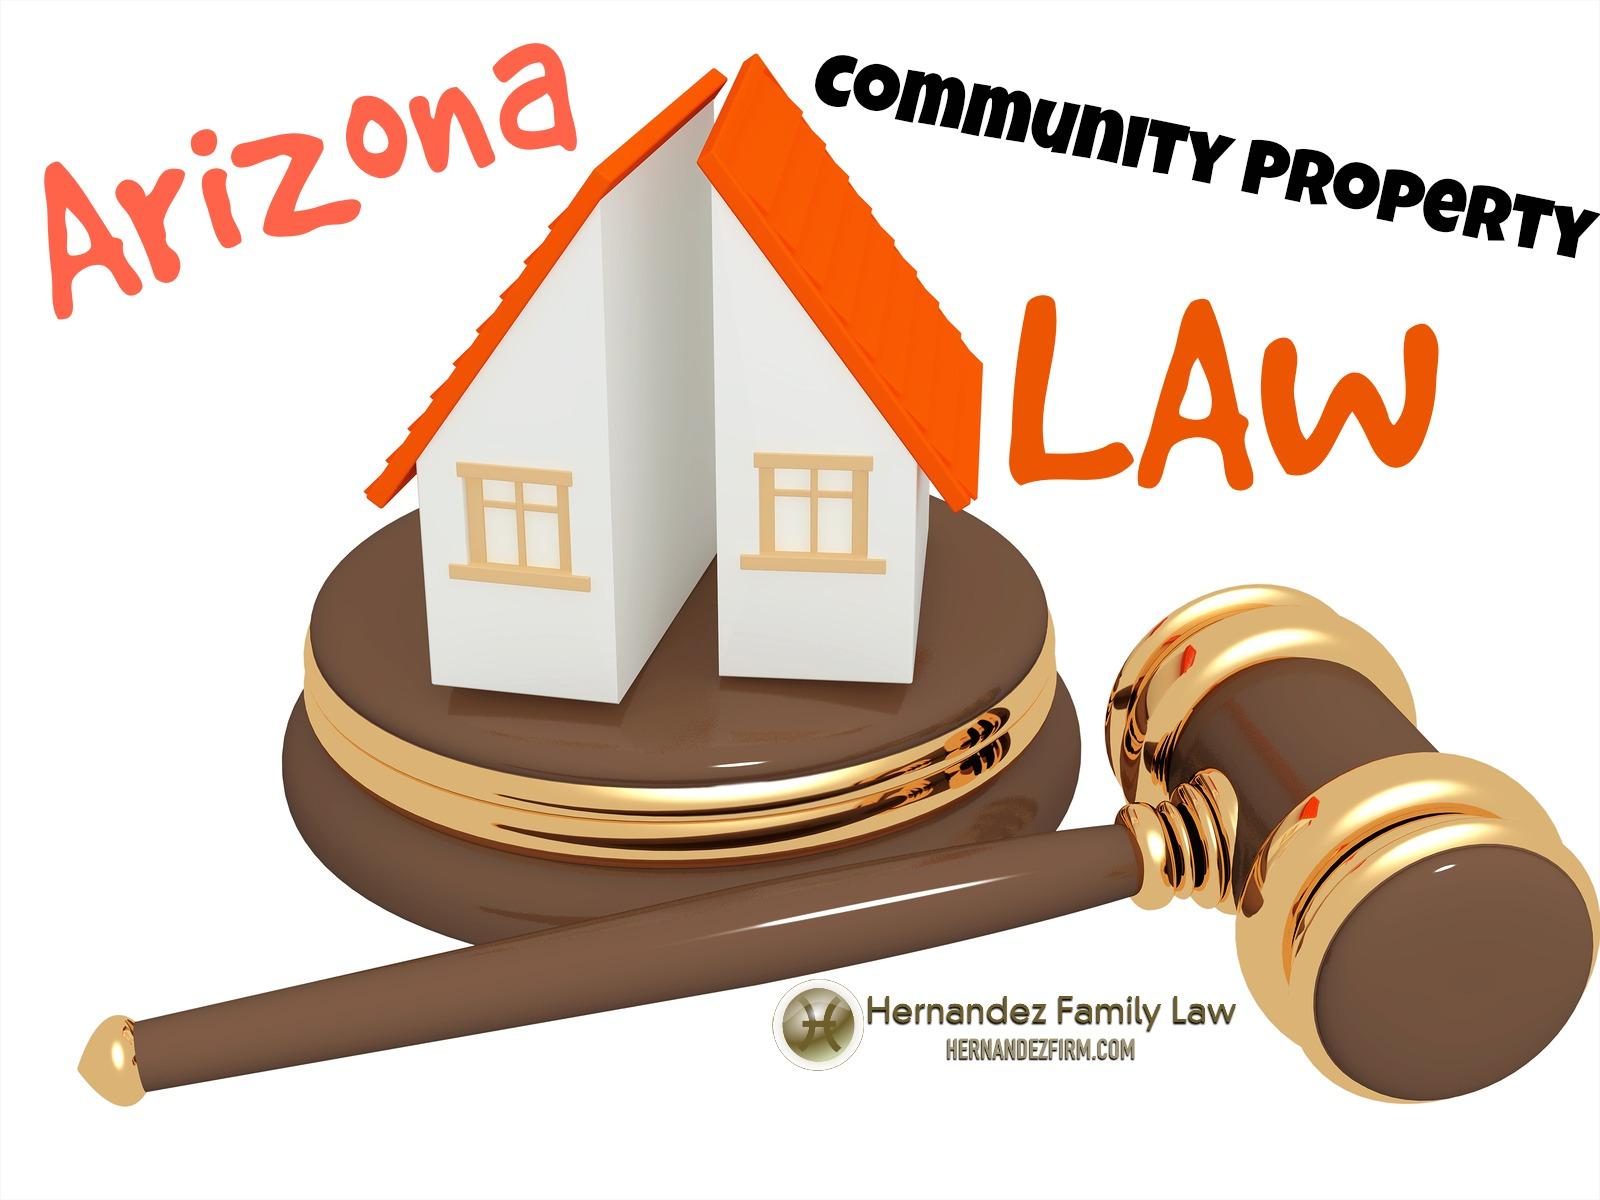 ArizonaCommunityPropertyLaw-1